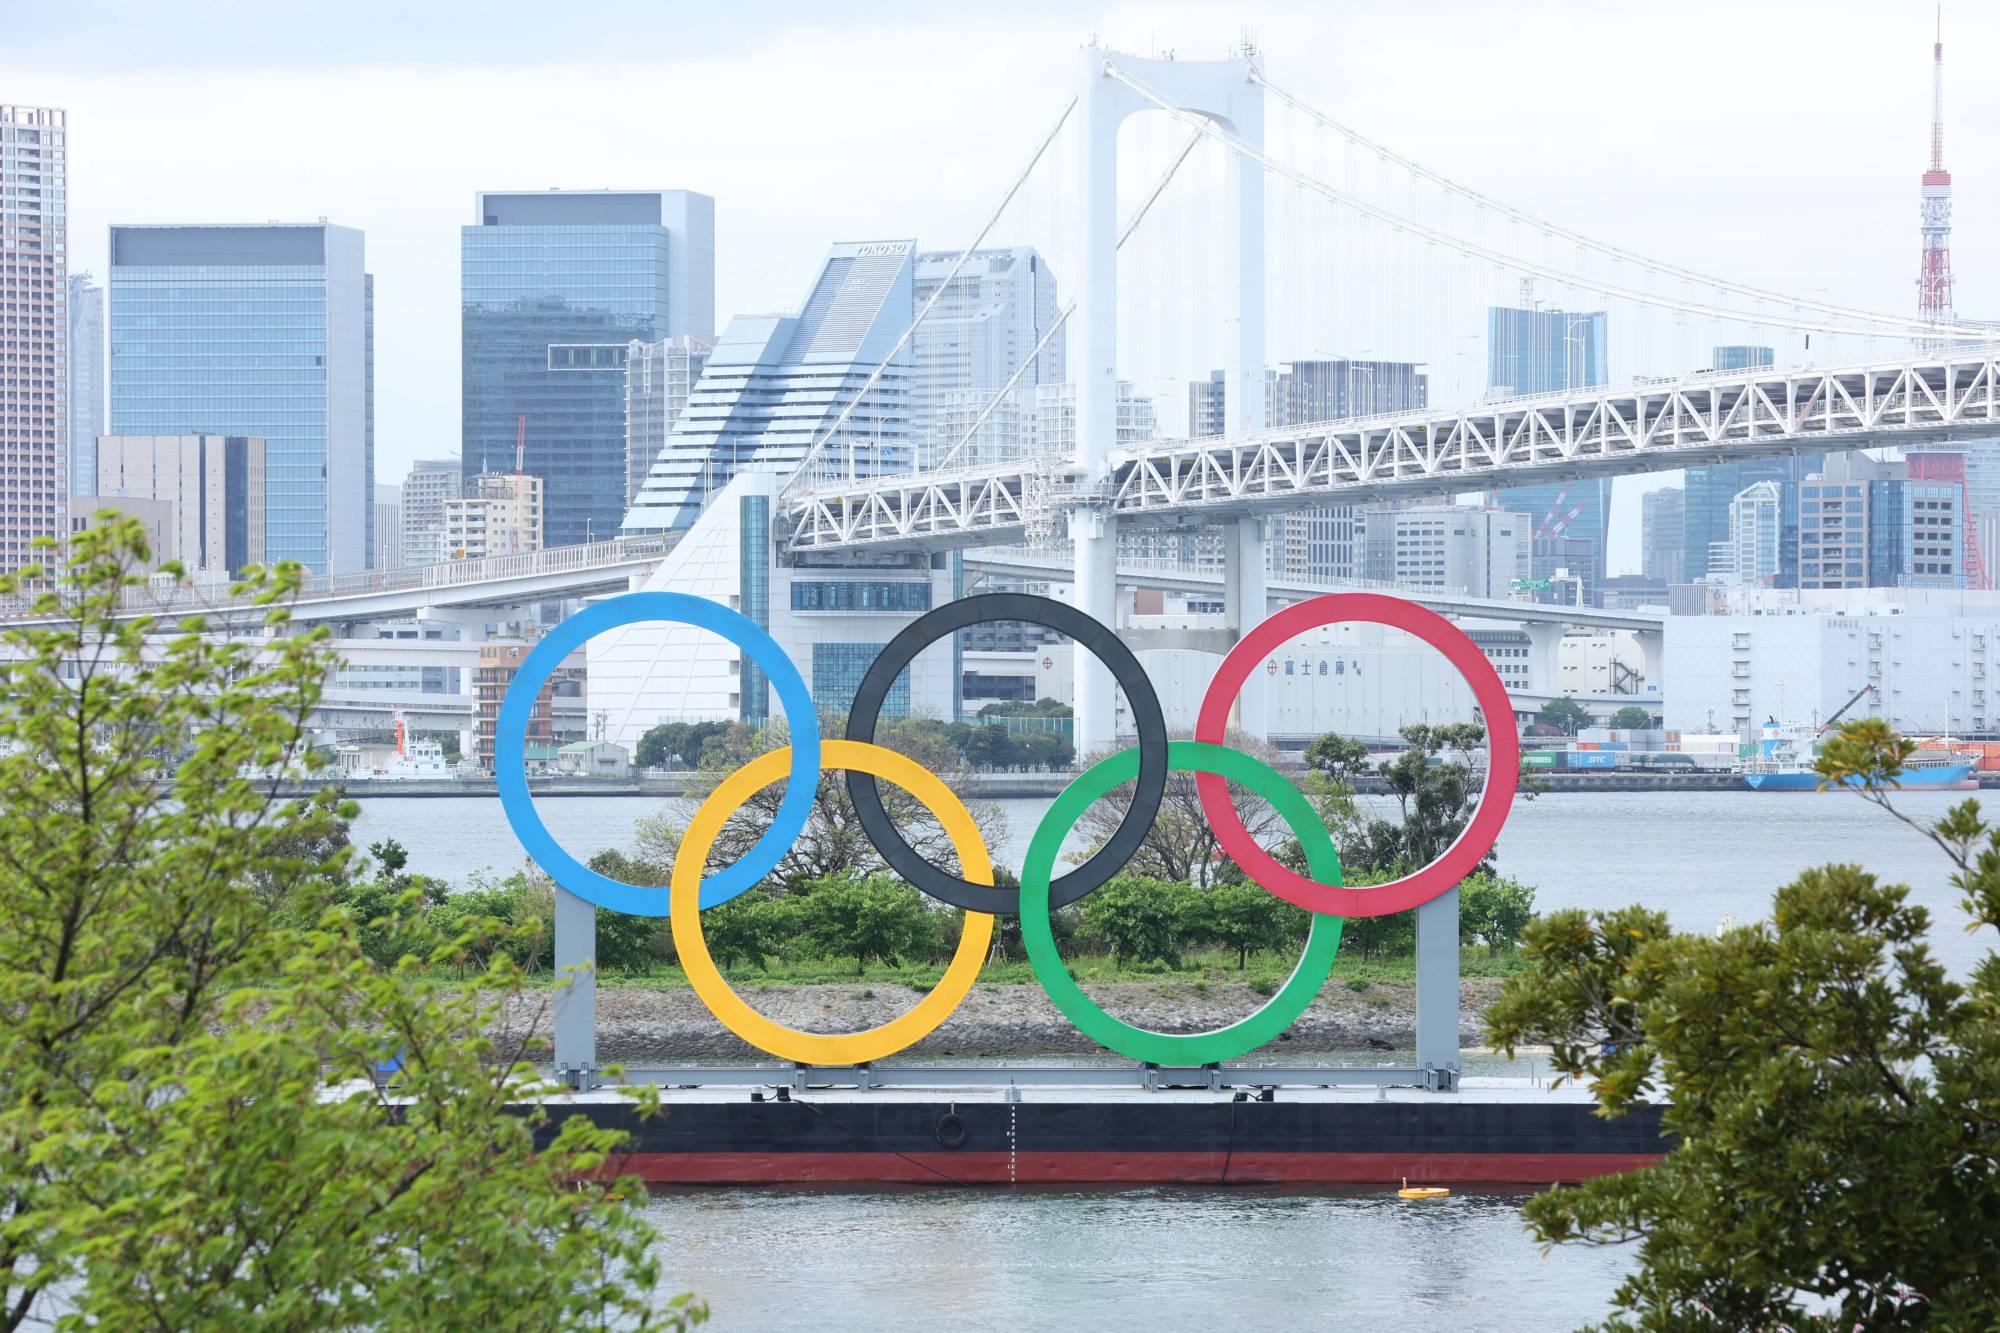 Từ 60-80% người dân Nhật Bản tham gia các cuộc khảo sát bày tỏ nguyện vọng hoãn hoặc hủy bỏ Olympic Tokyo